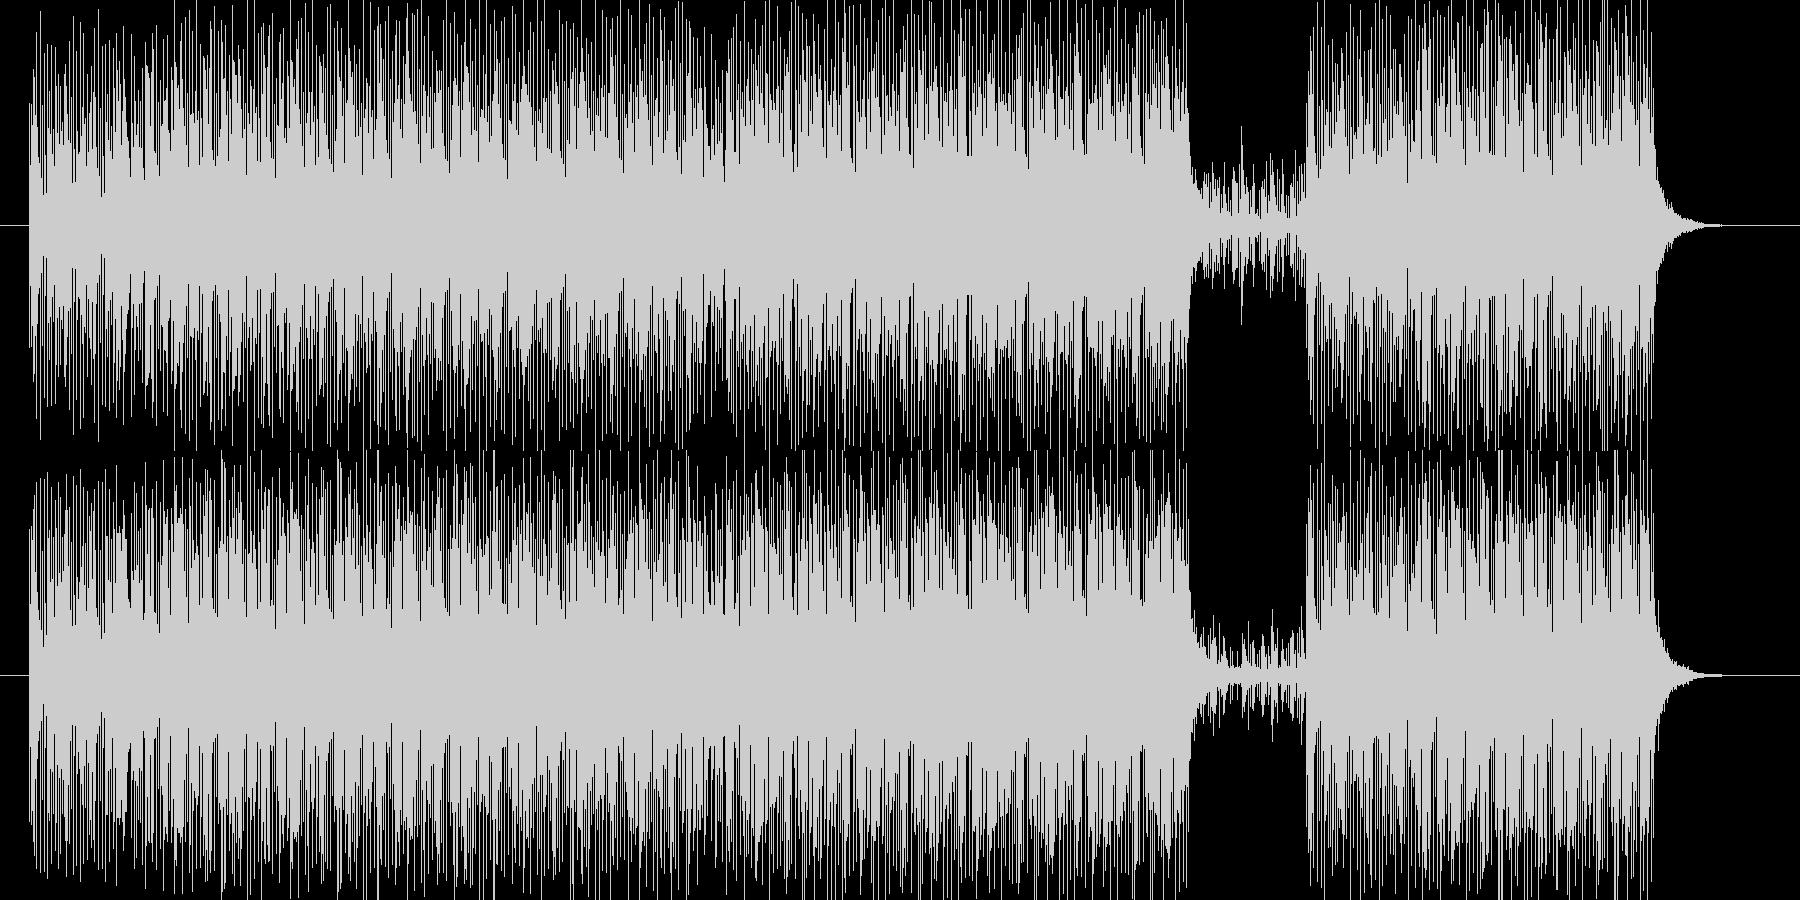 無機質で疾走感のある楽曲の未再生の波形